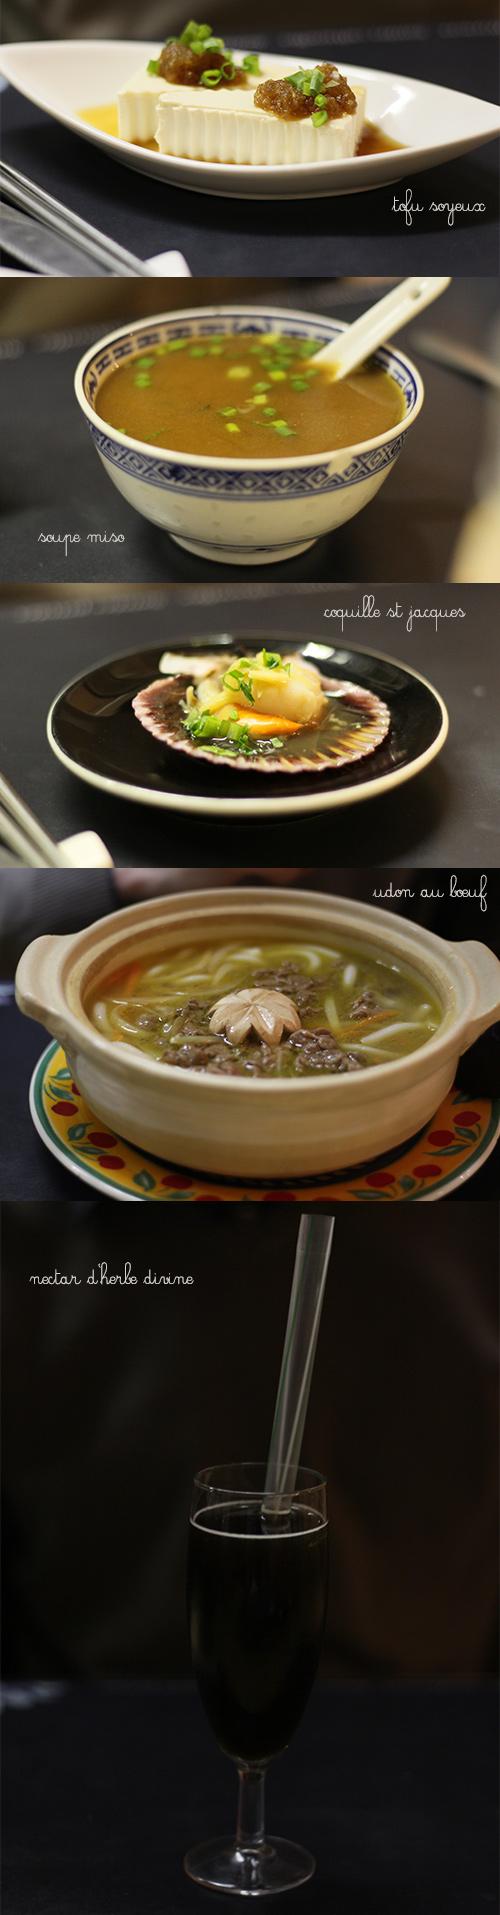 menu-udon